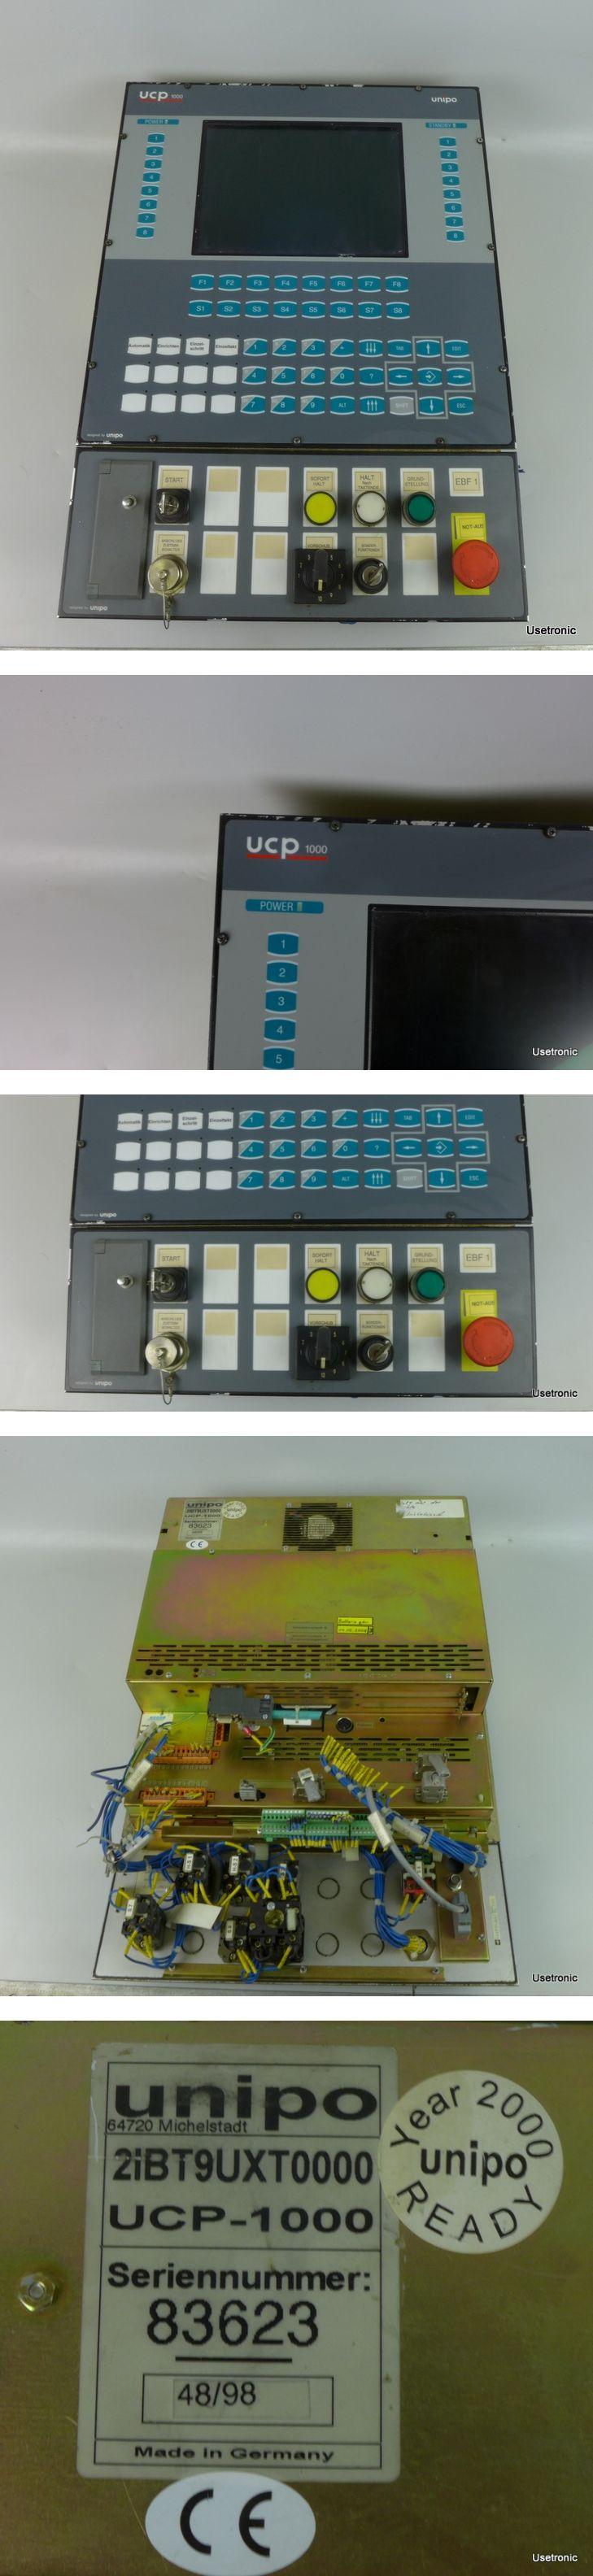 Unipo UCP 1000